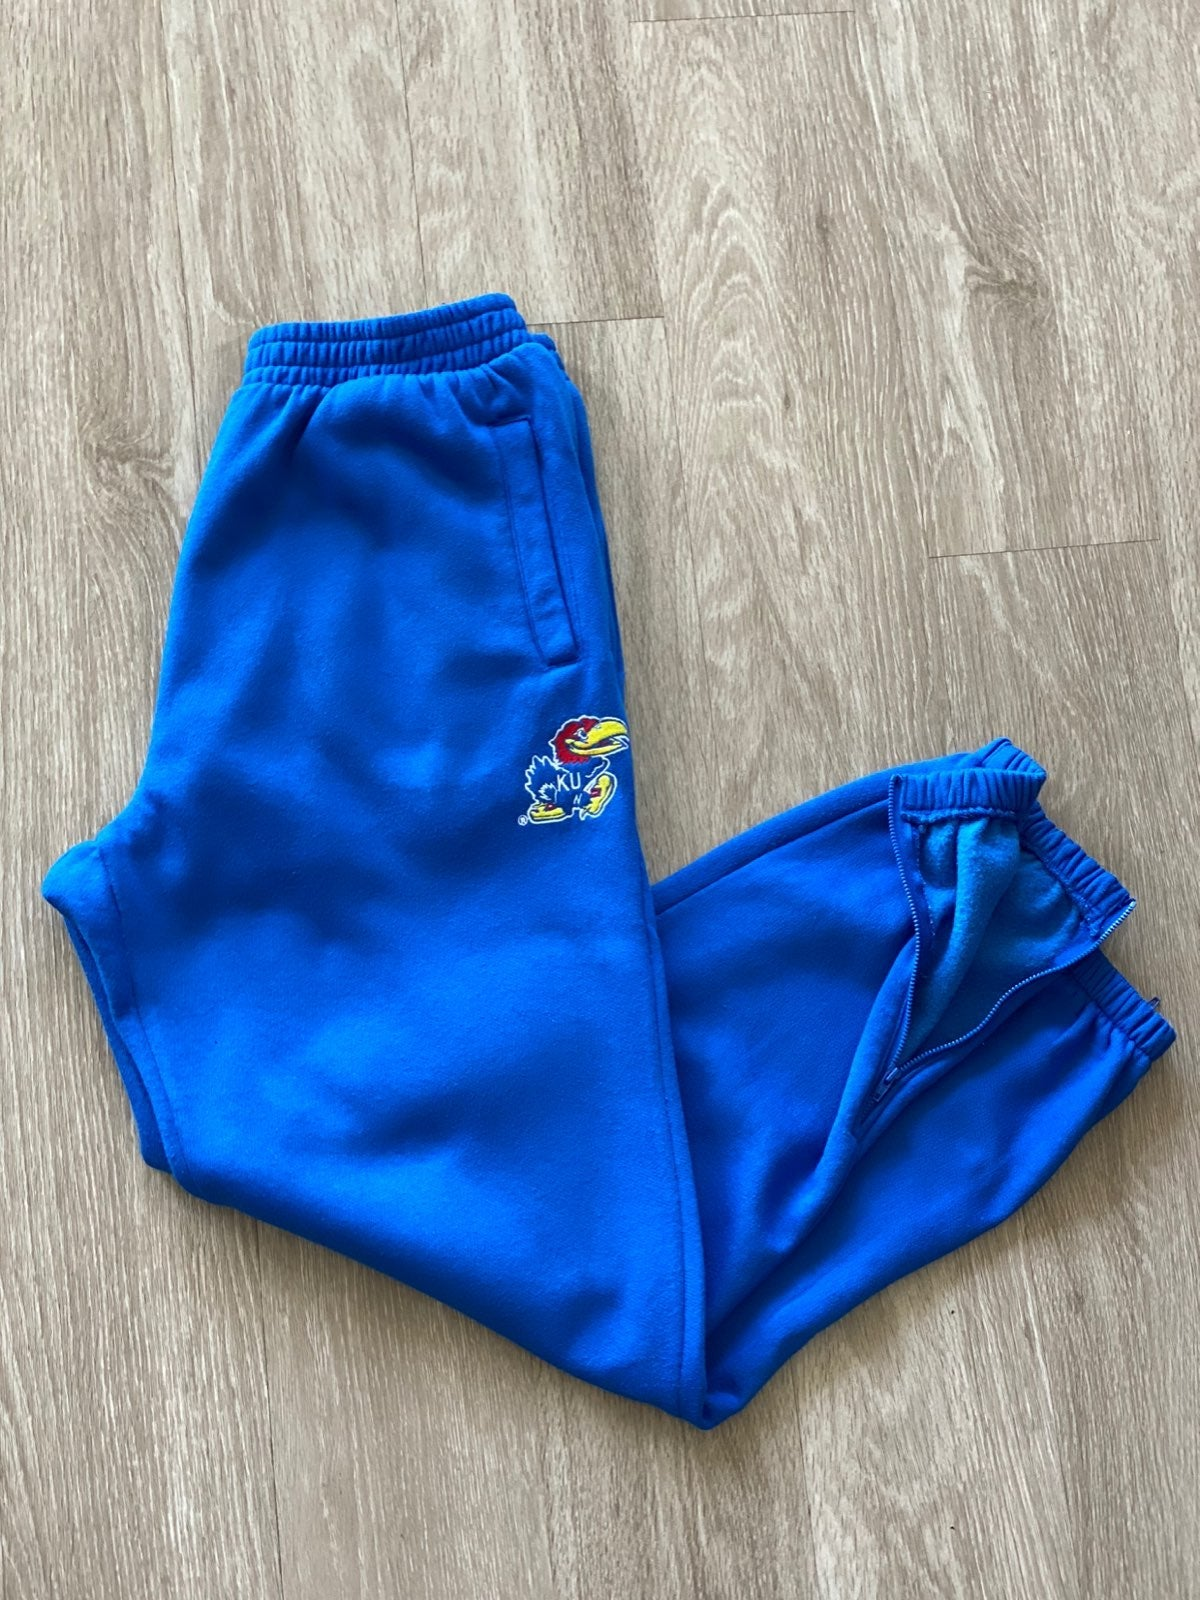 Vintage Kansas Jayhawks Sweatpants